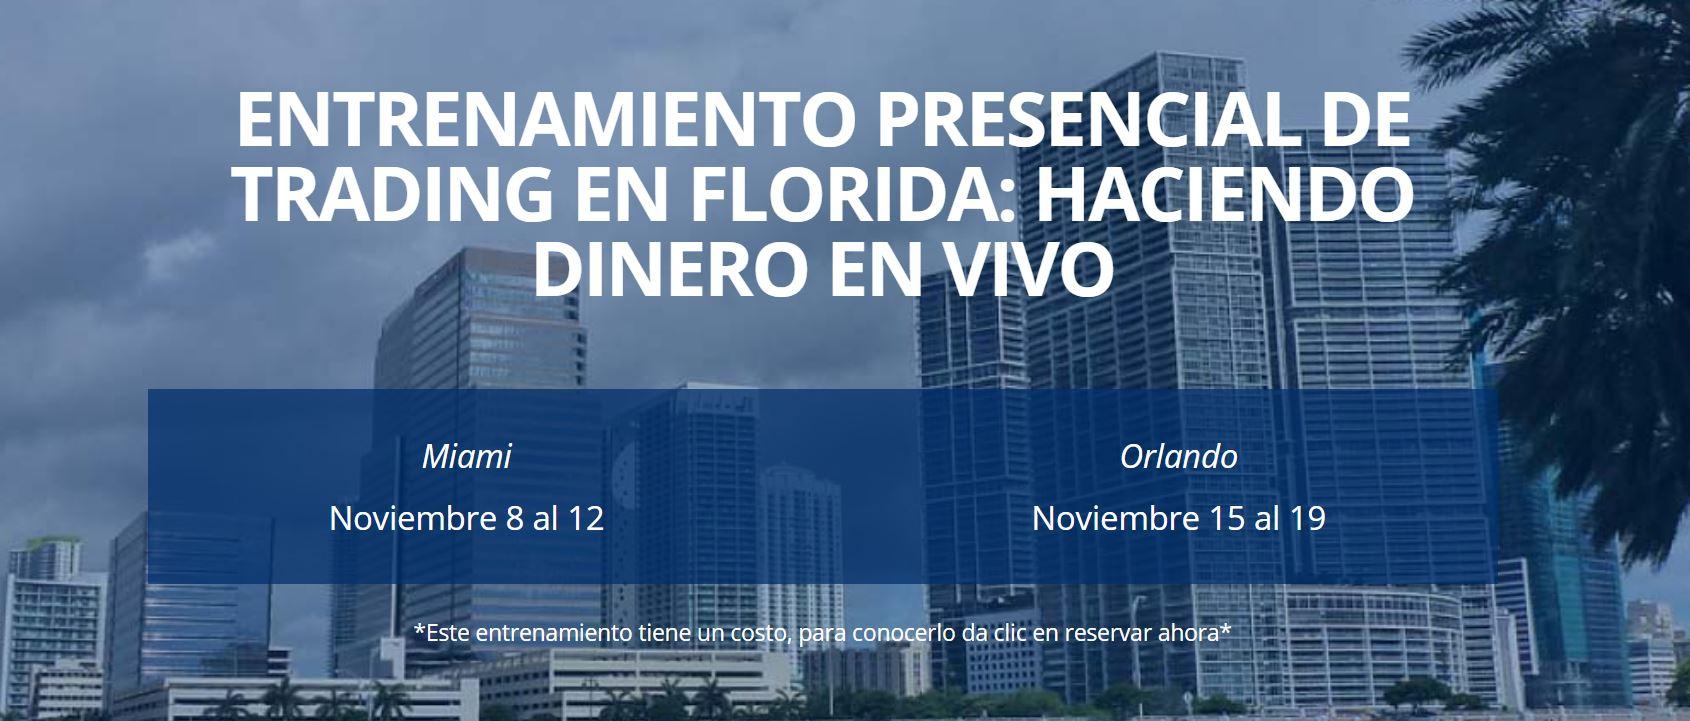 ENTRENAMIENTO PRESENCIAL DE TRADING EN FLORIDA: HACIENDO DINERO EN VIVO